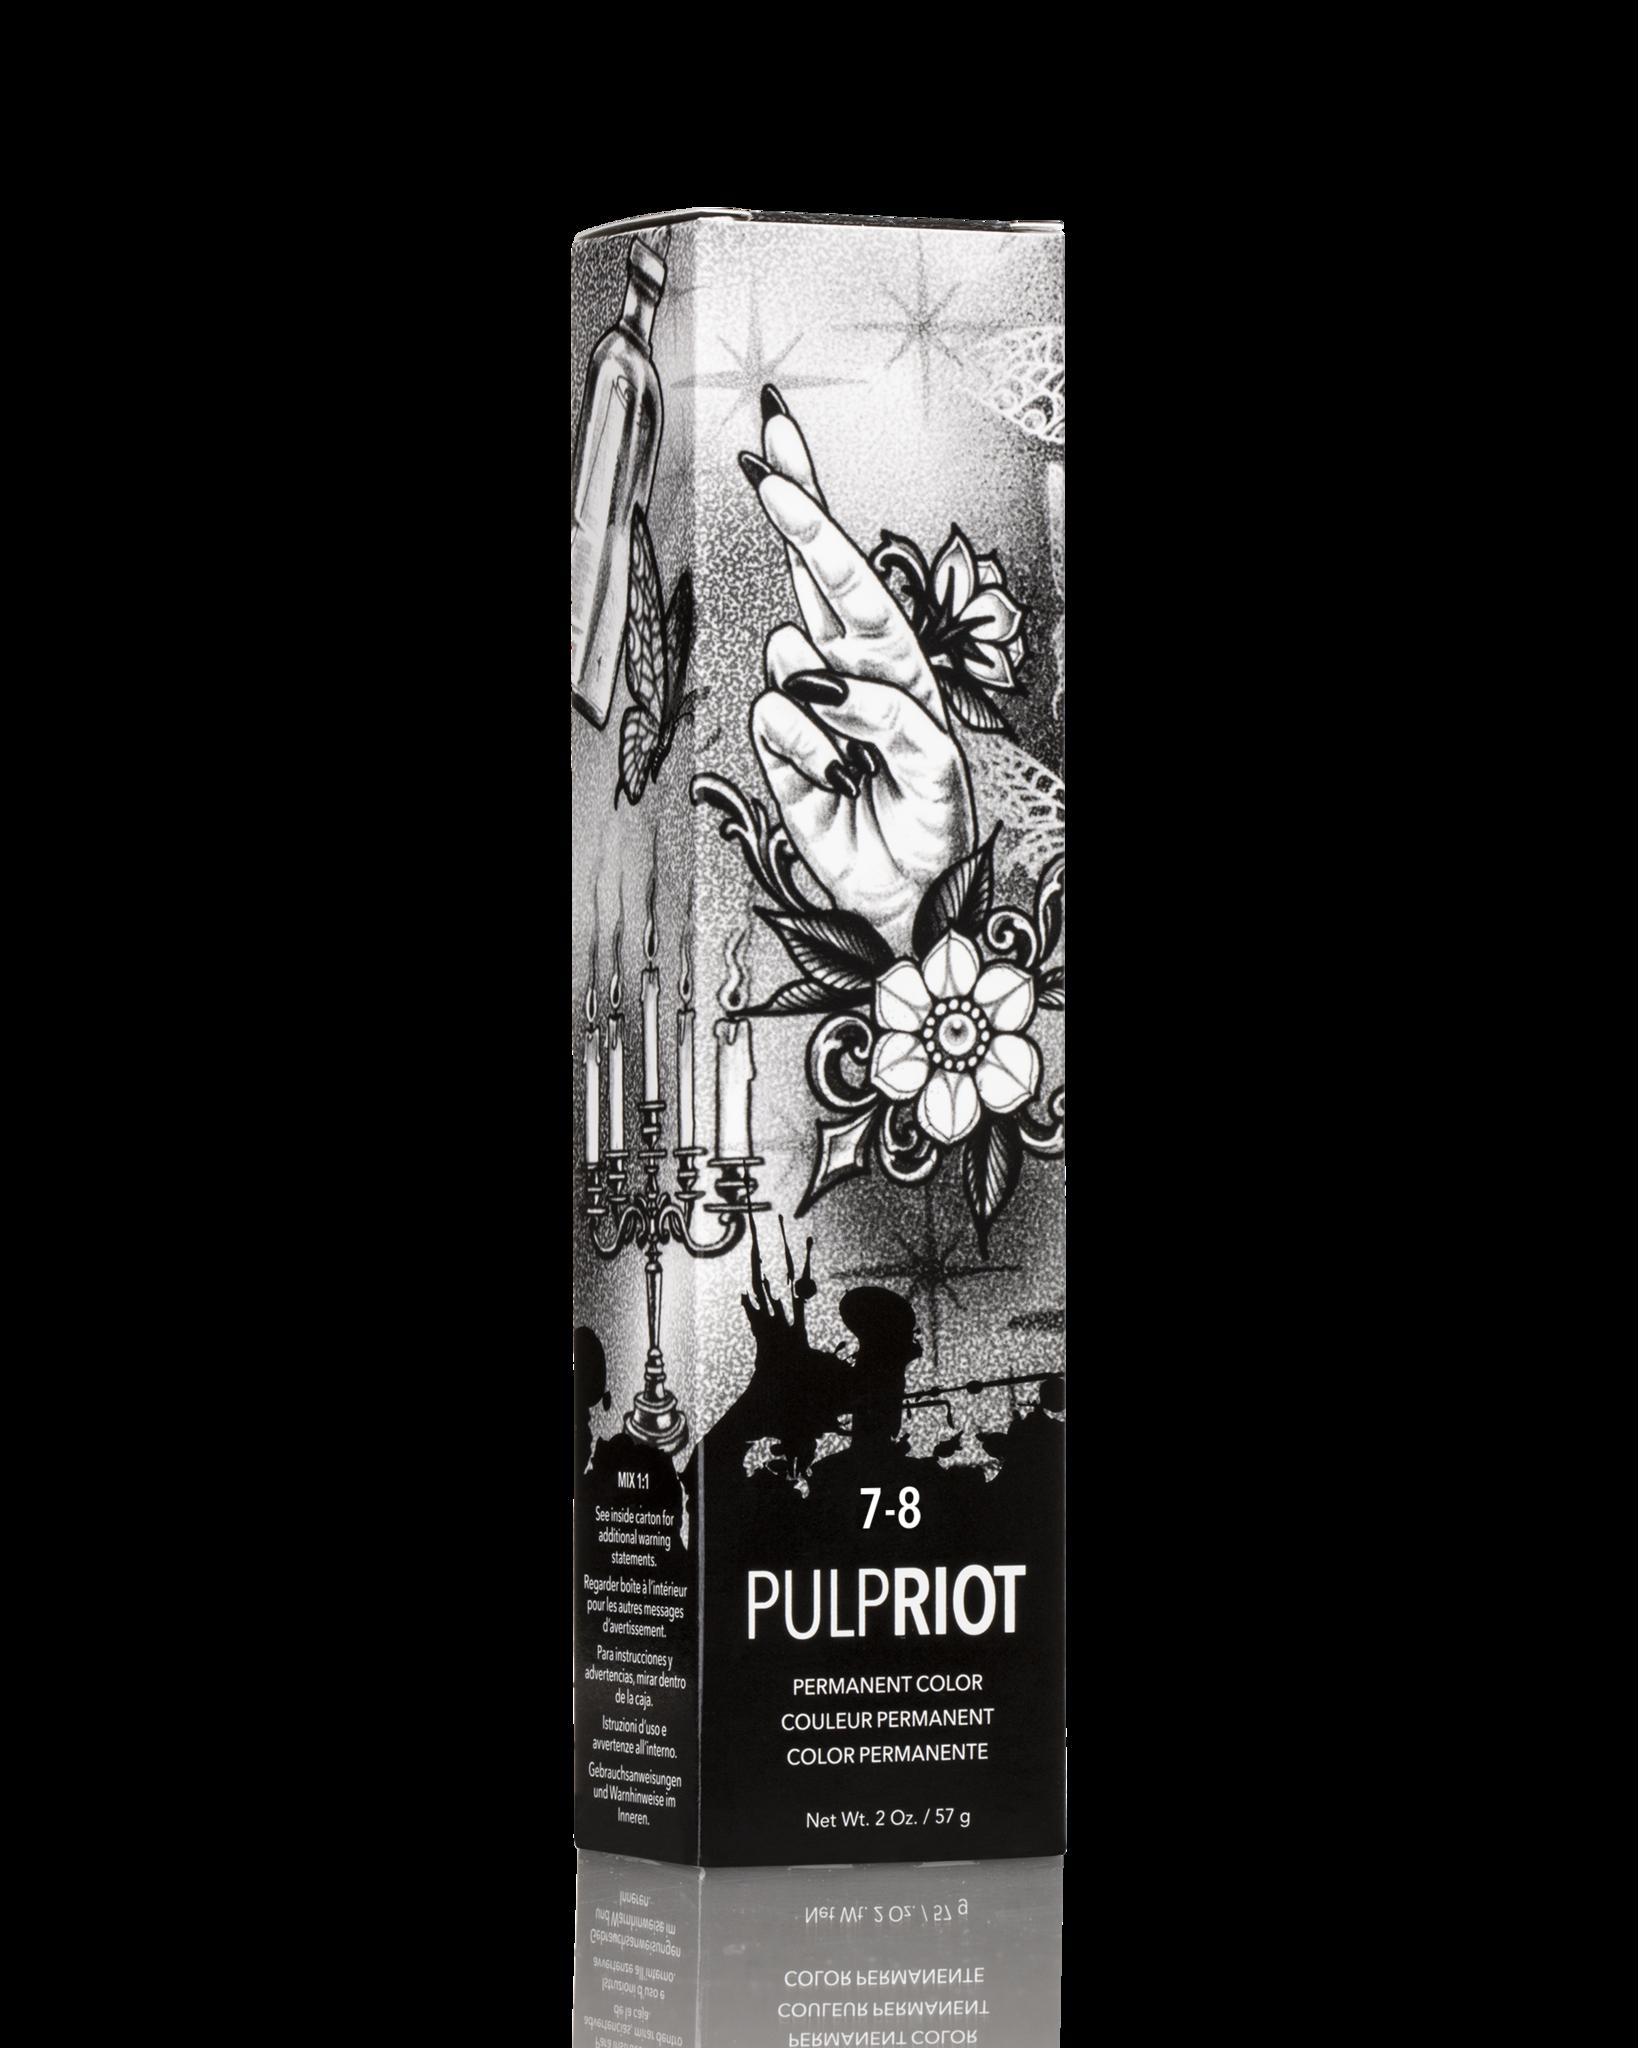 Pulp Riot PULP RIOT FACTION 8 MARRON/BROWN 7-8